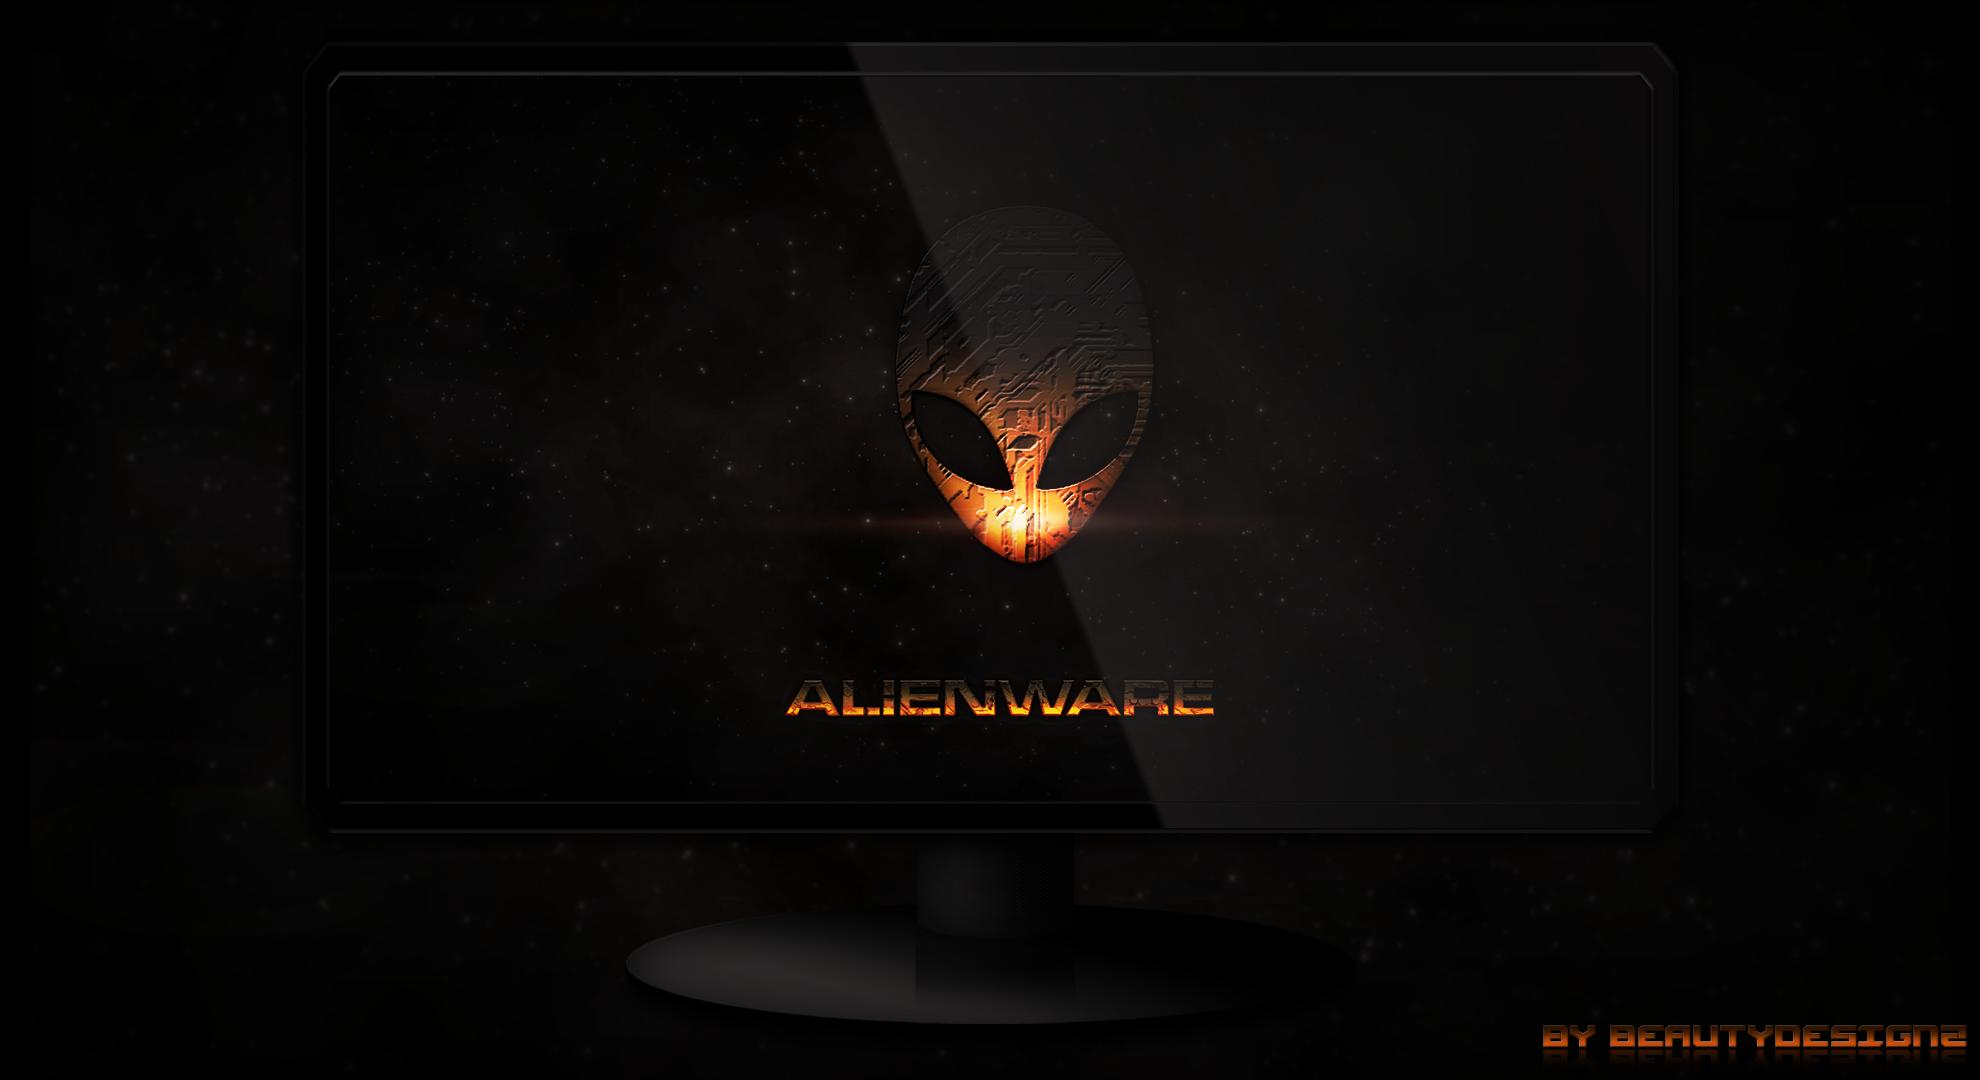 AlienWare WallPaper By BeautyDesignz by BeautyDesignz 1980x1080